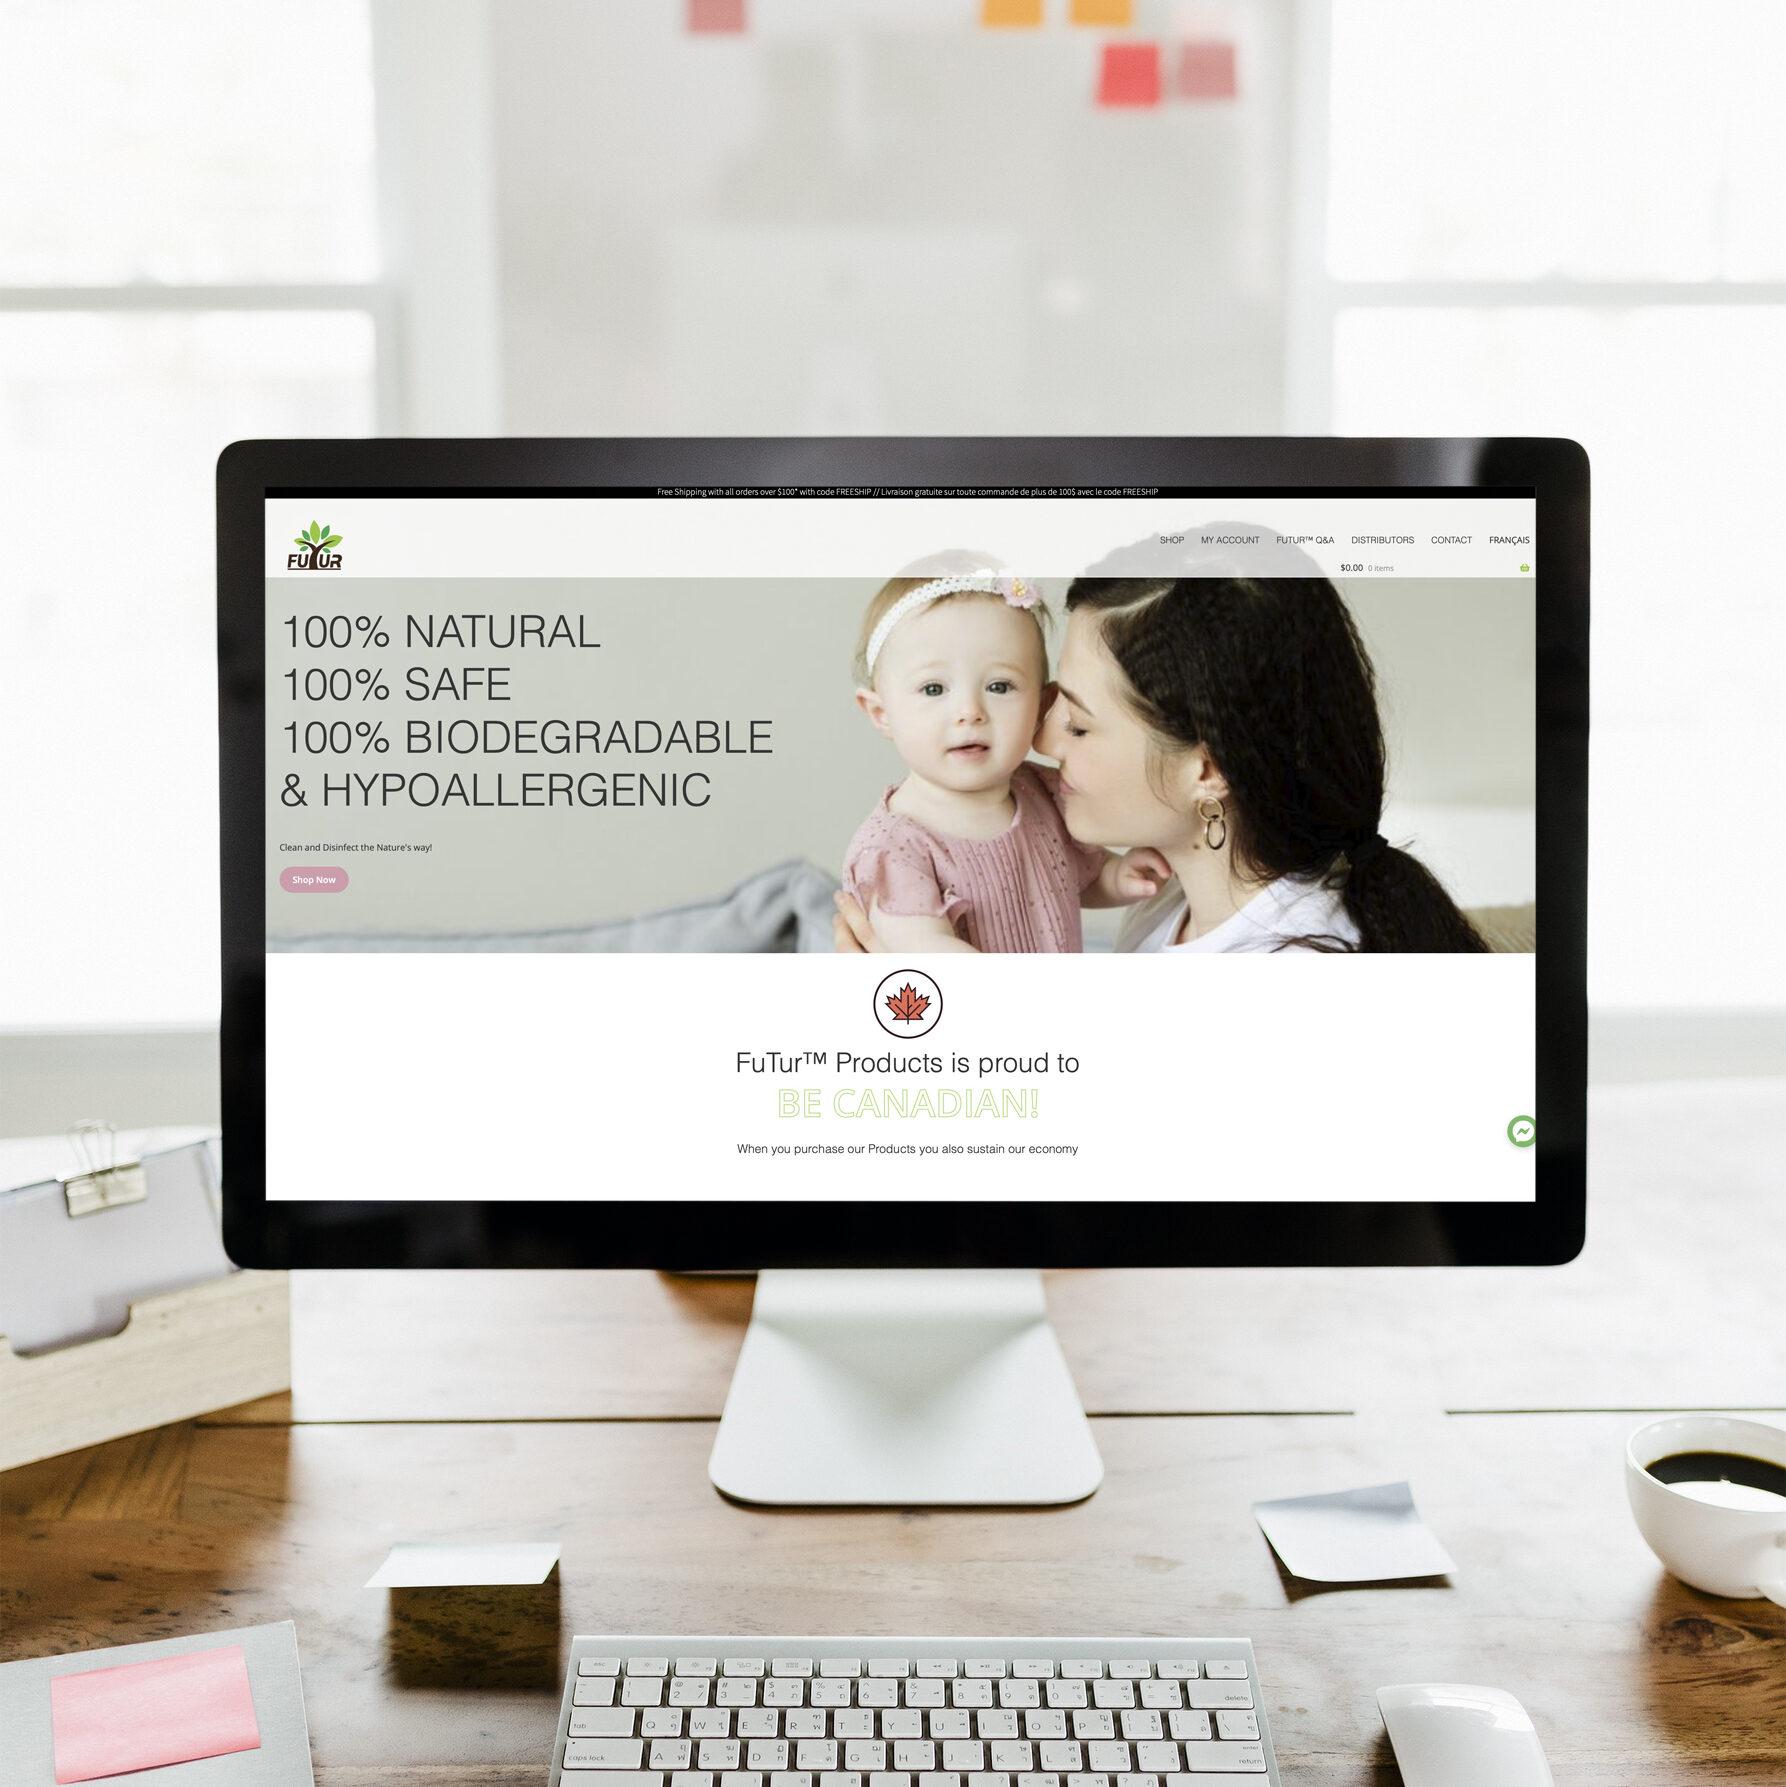 Website Design Examples iQuest Media 2